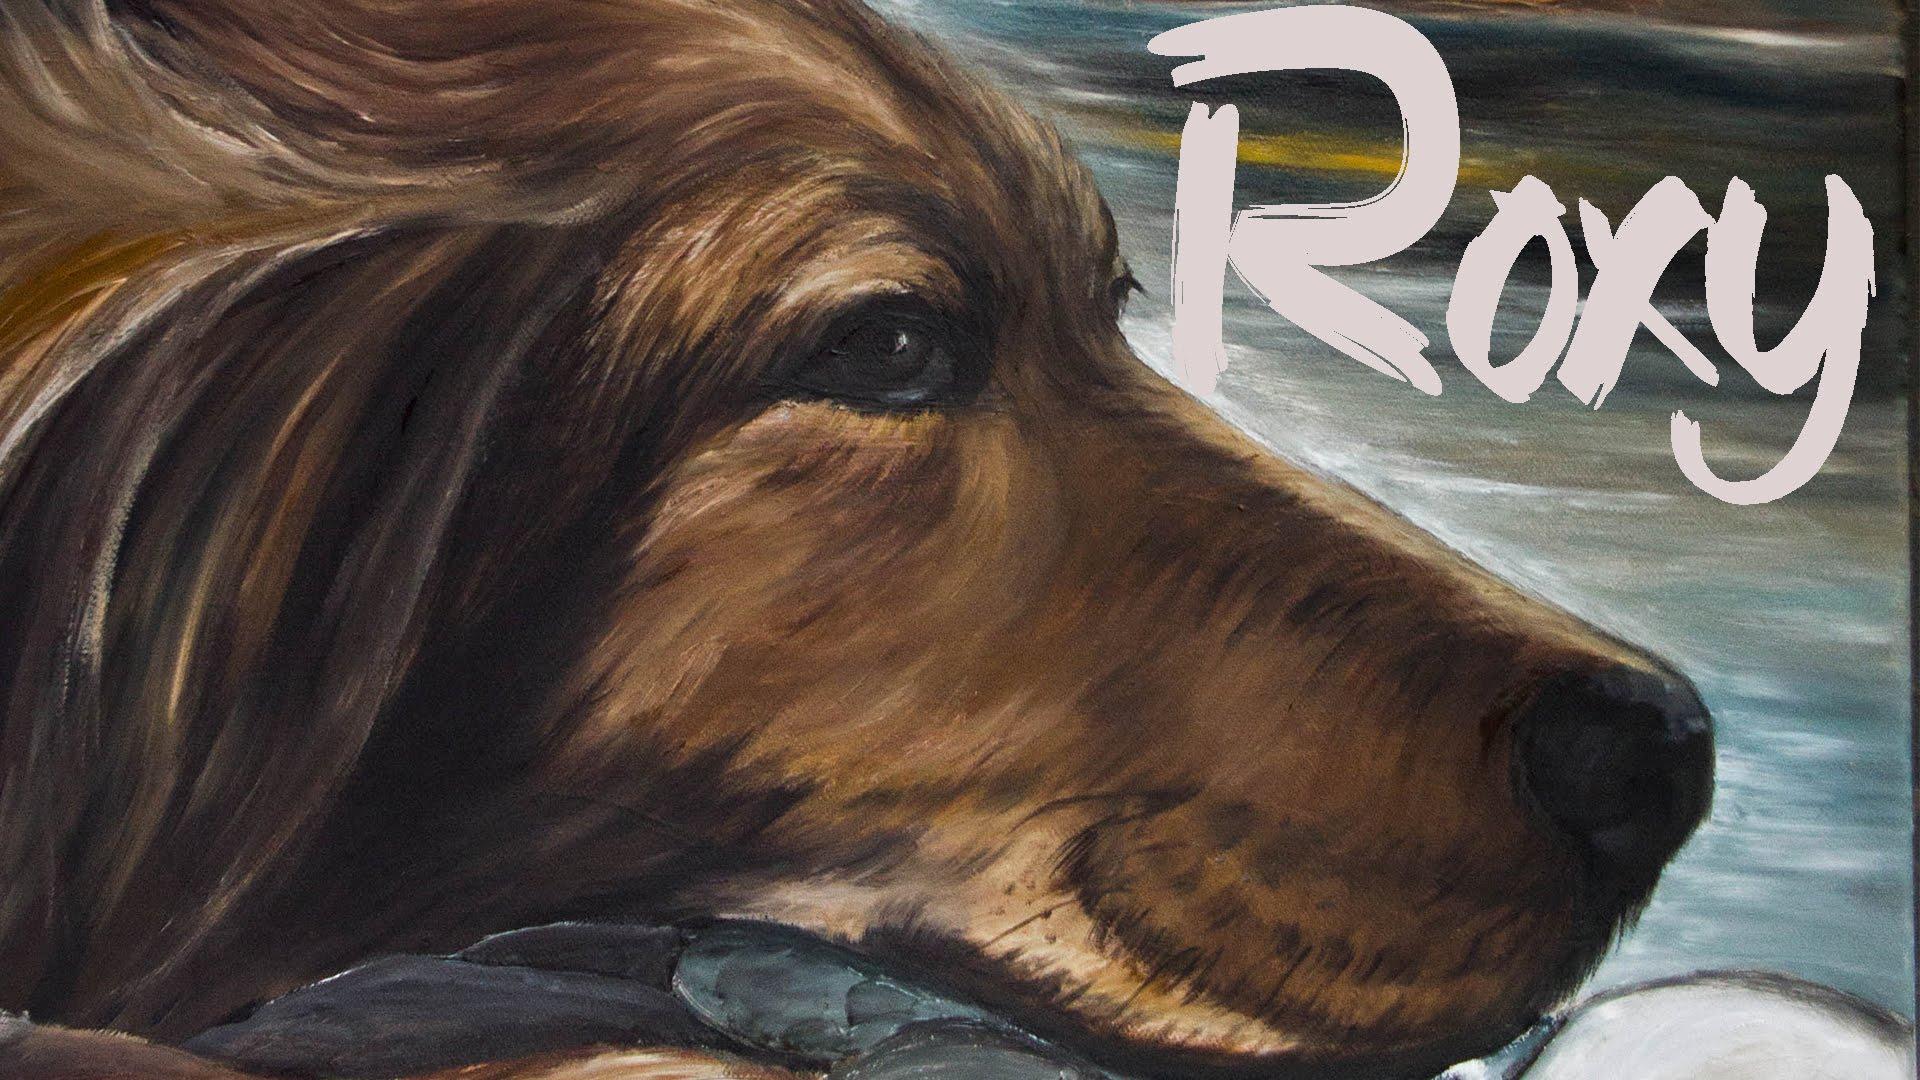 ταινία μικρού μήκους αδέσποτα ζώα Roxy